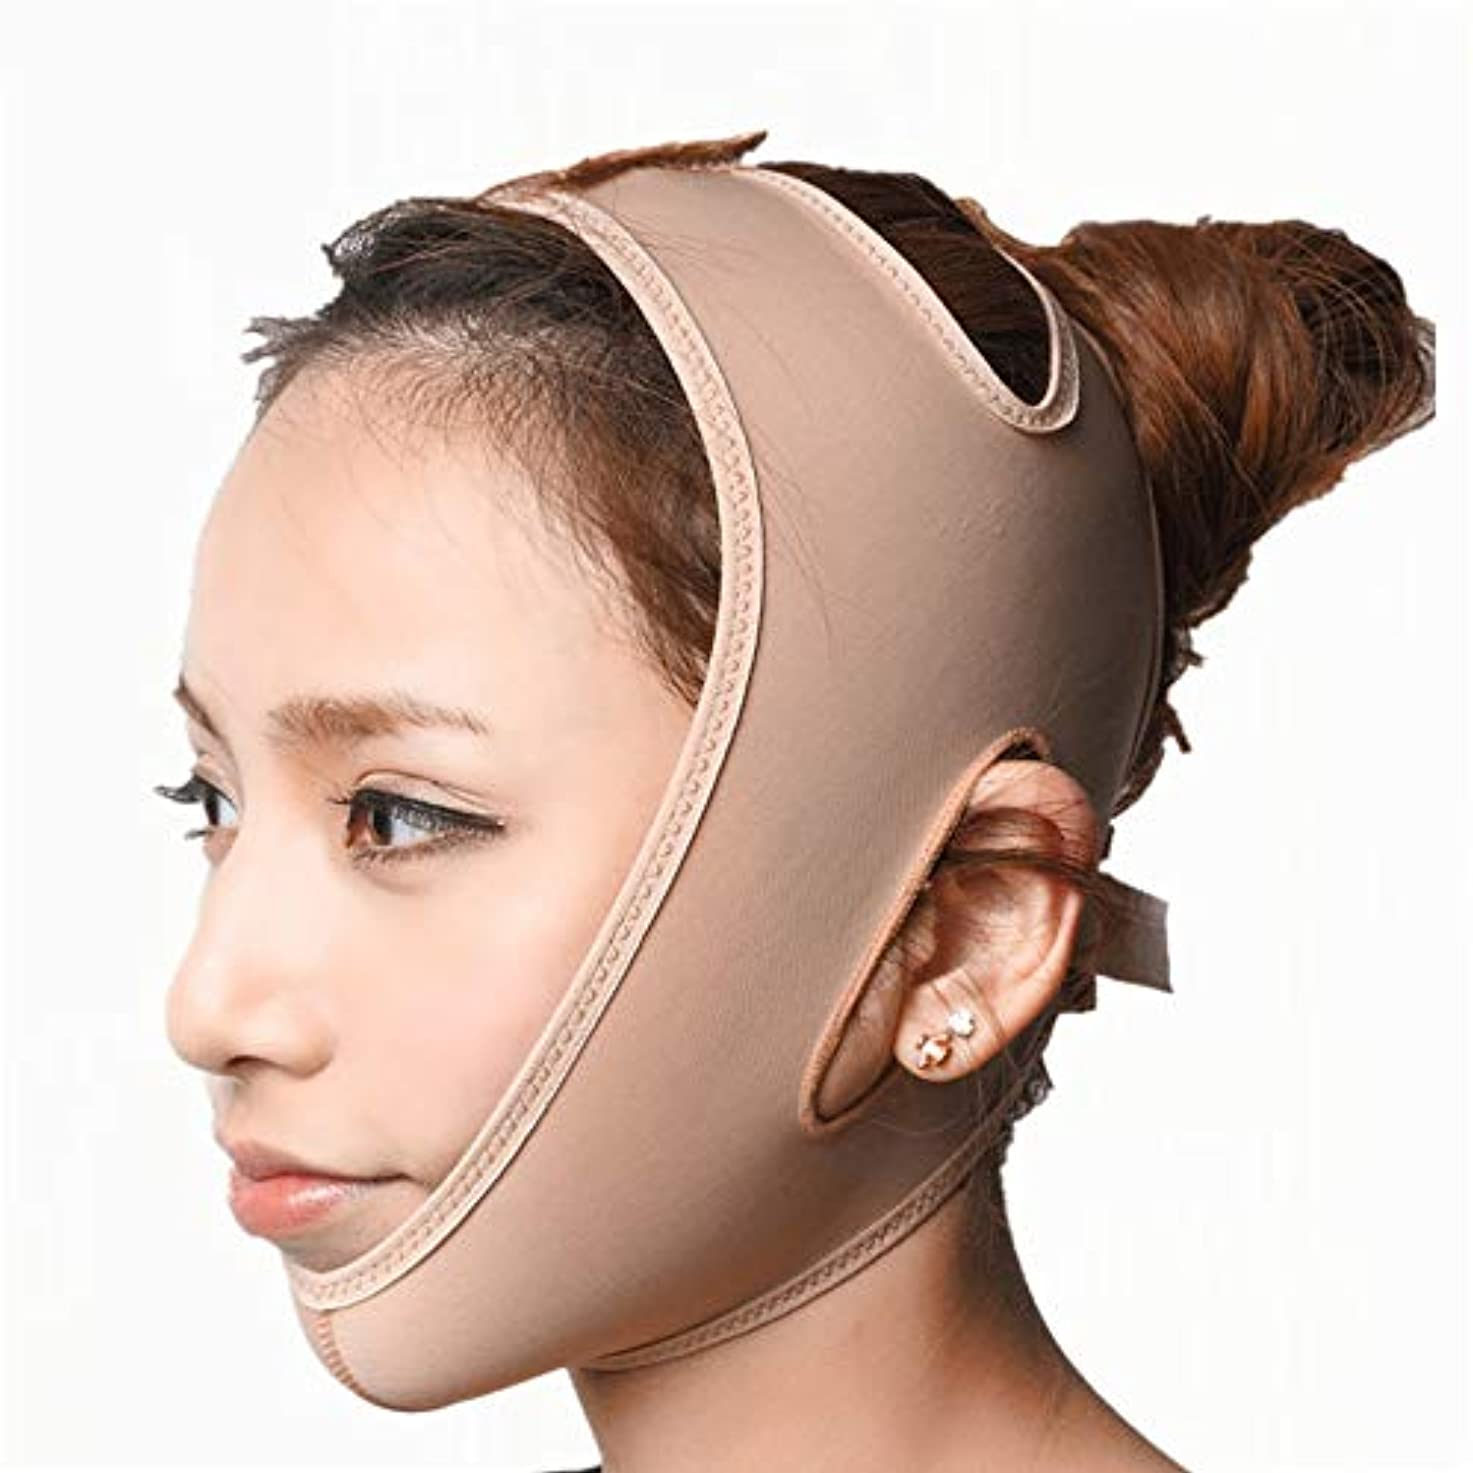 経営者単語揮発性フェイスリフトベルト 薄い顔のベルト - 薄い顔のアーチファクトVの顔の包帯マスクの顔のマッサージャー薄いダブルの顎のデバイス